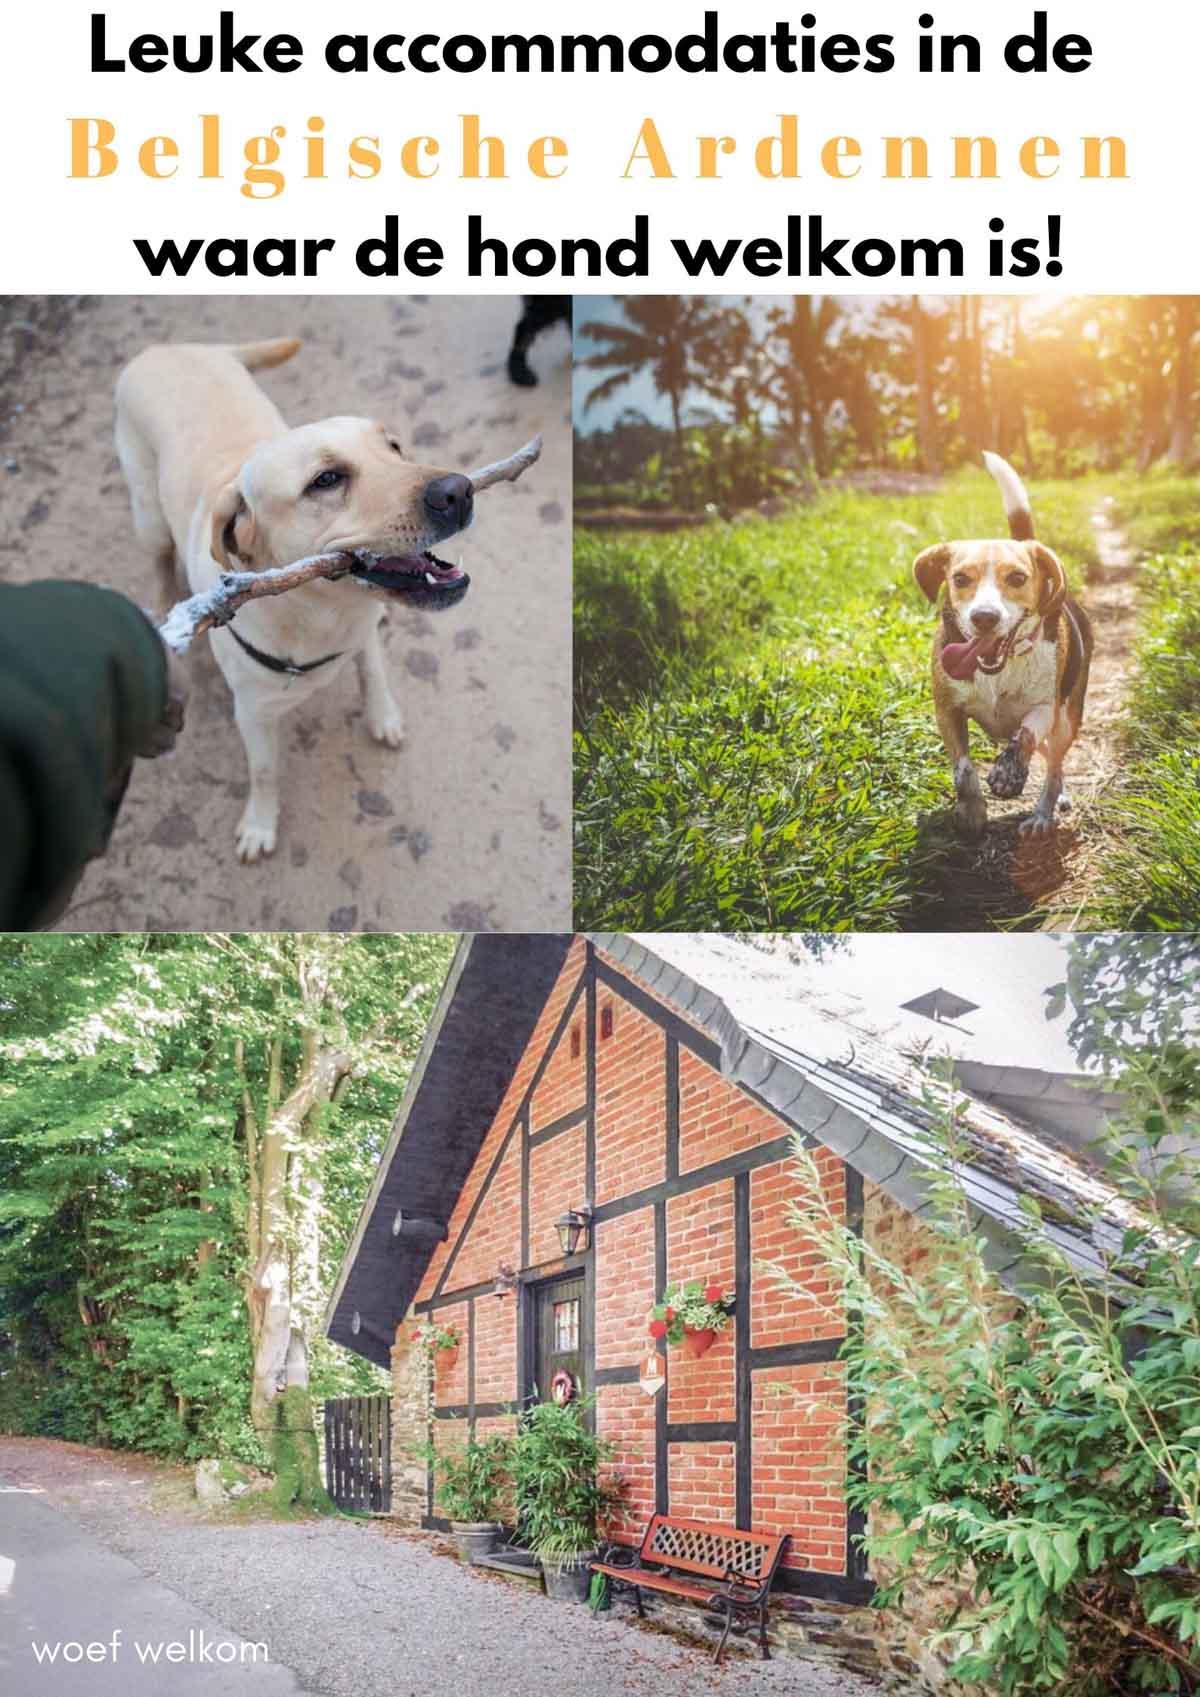 leuke accommodaties in de Belgische Ardennen waar de hond welkom is